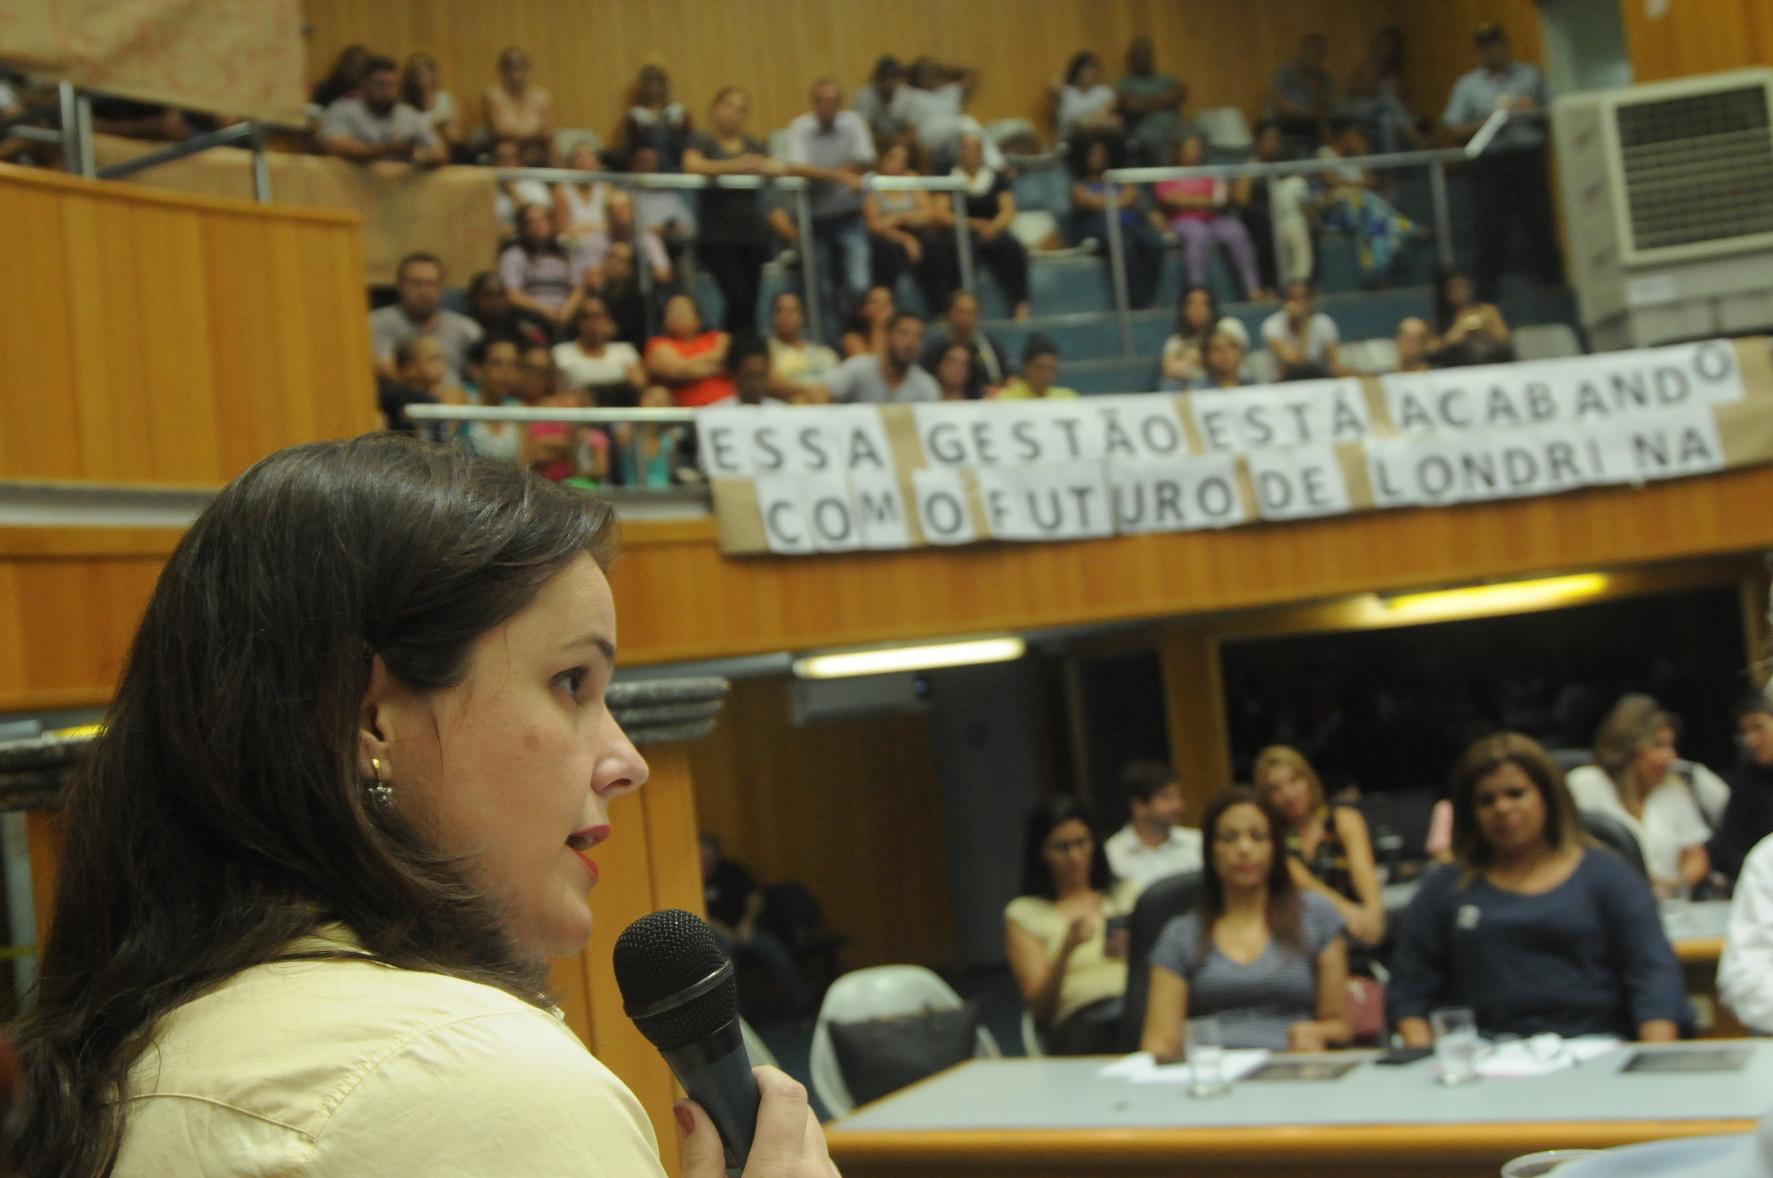 Mães e pais, dirigentes de conselhos e representantes do Executivo participaram de audiência pública coordenada pela Comissão de Educação do Legislativo e debateram em clima tenso, durante mais de três horas, o atendimento ofertado para alunos da educação infantil.